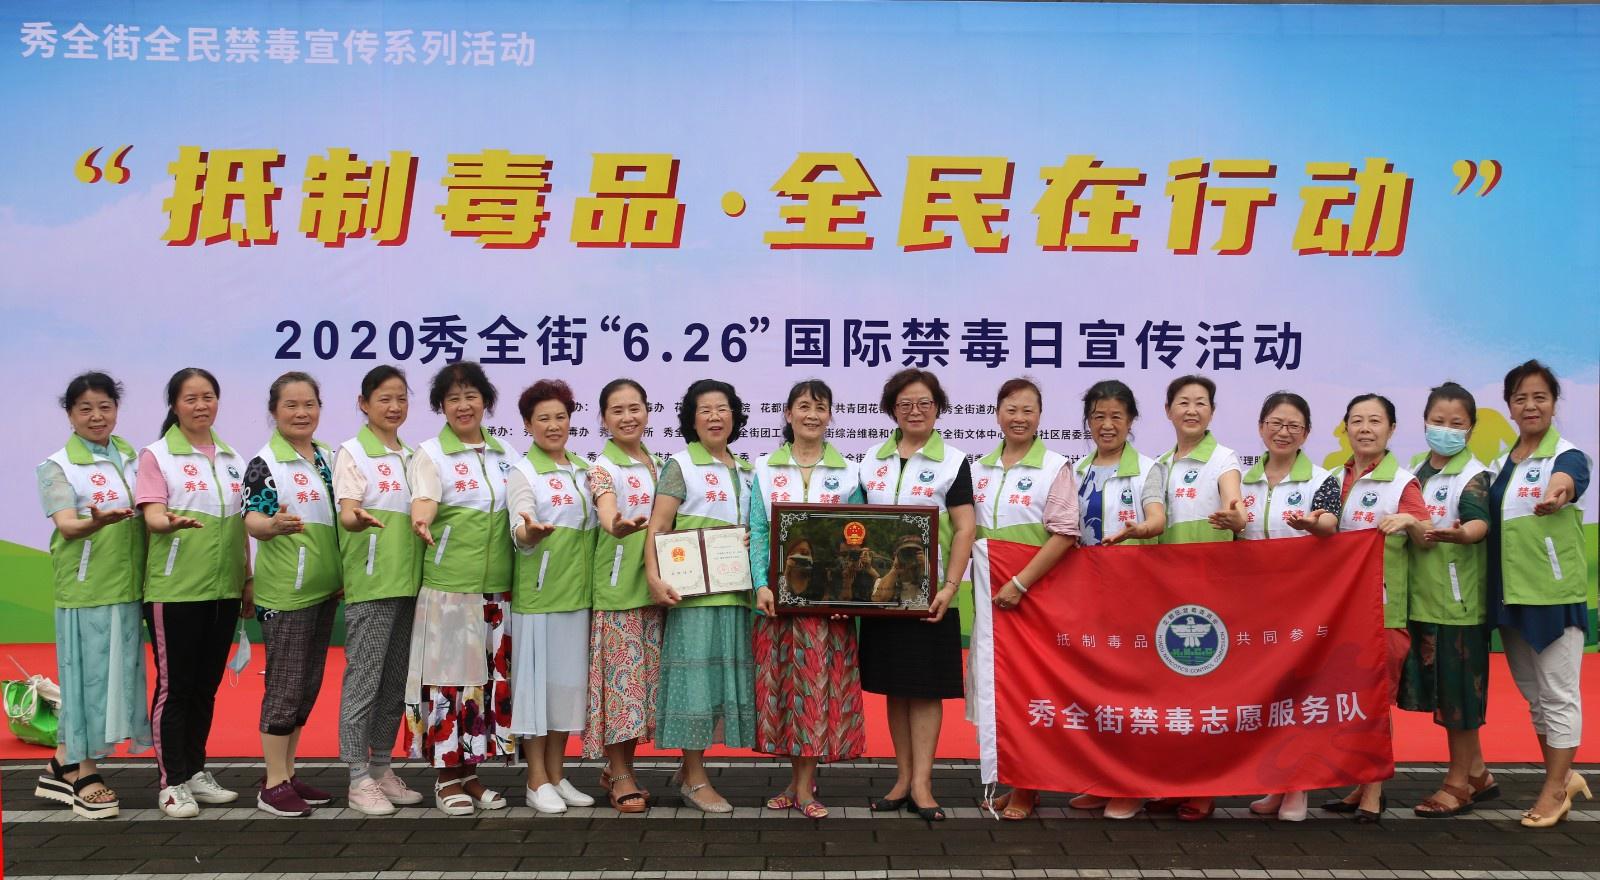 """""""秀全大妈""""入围!第五届中国青年志愿服务项目大赛全国赛终评入围名单公示"""